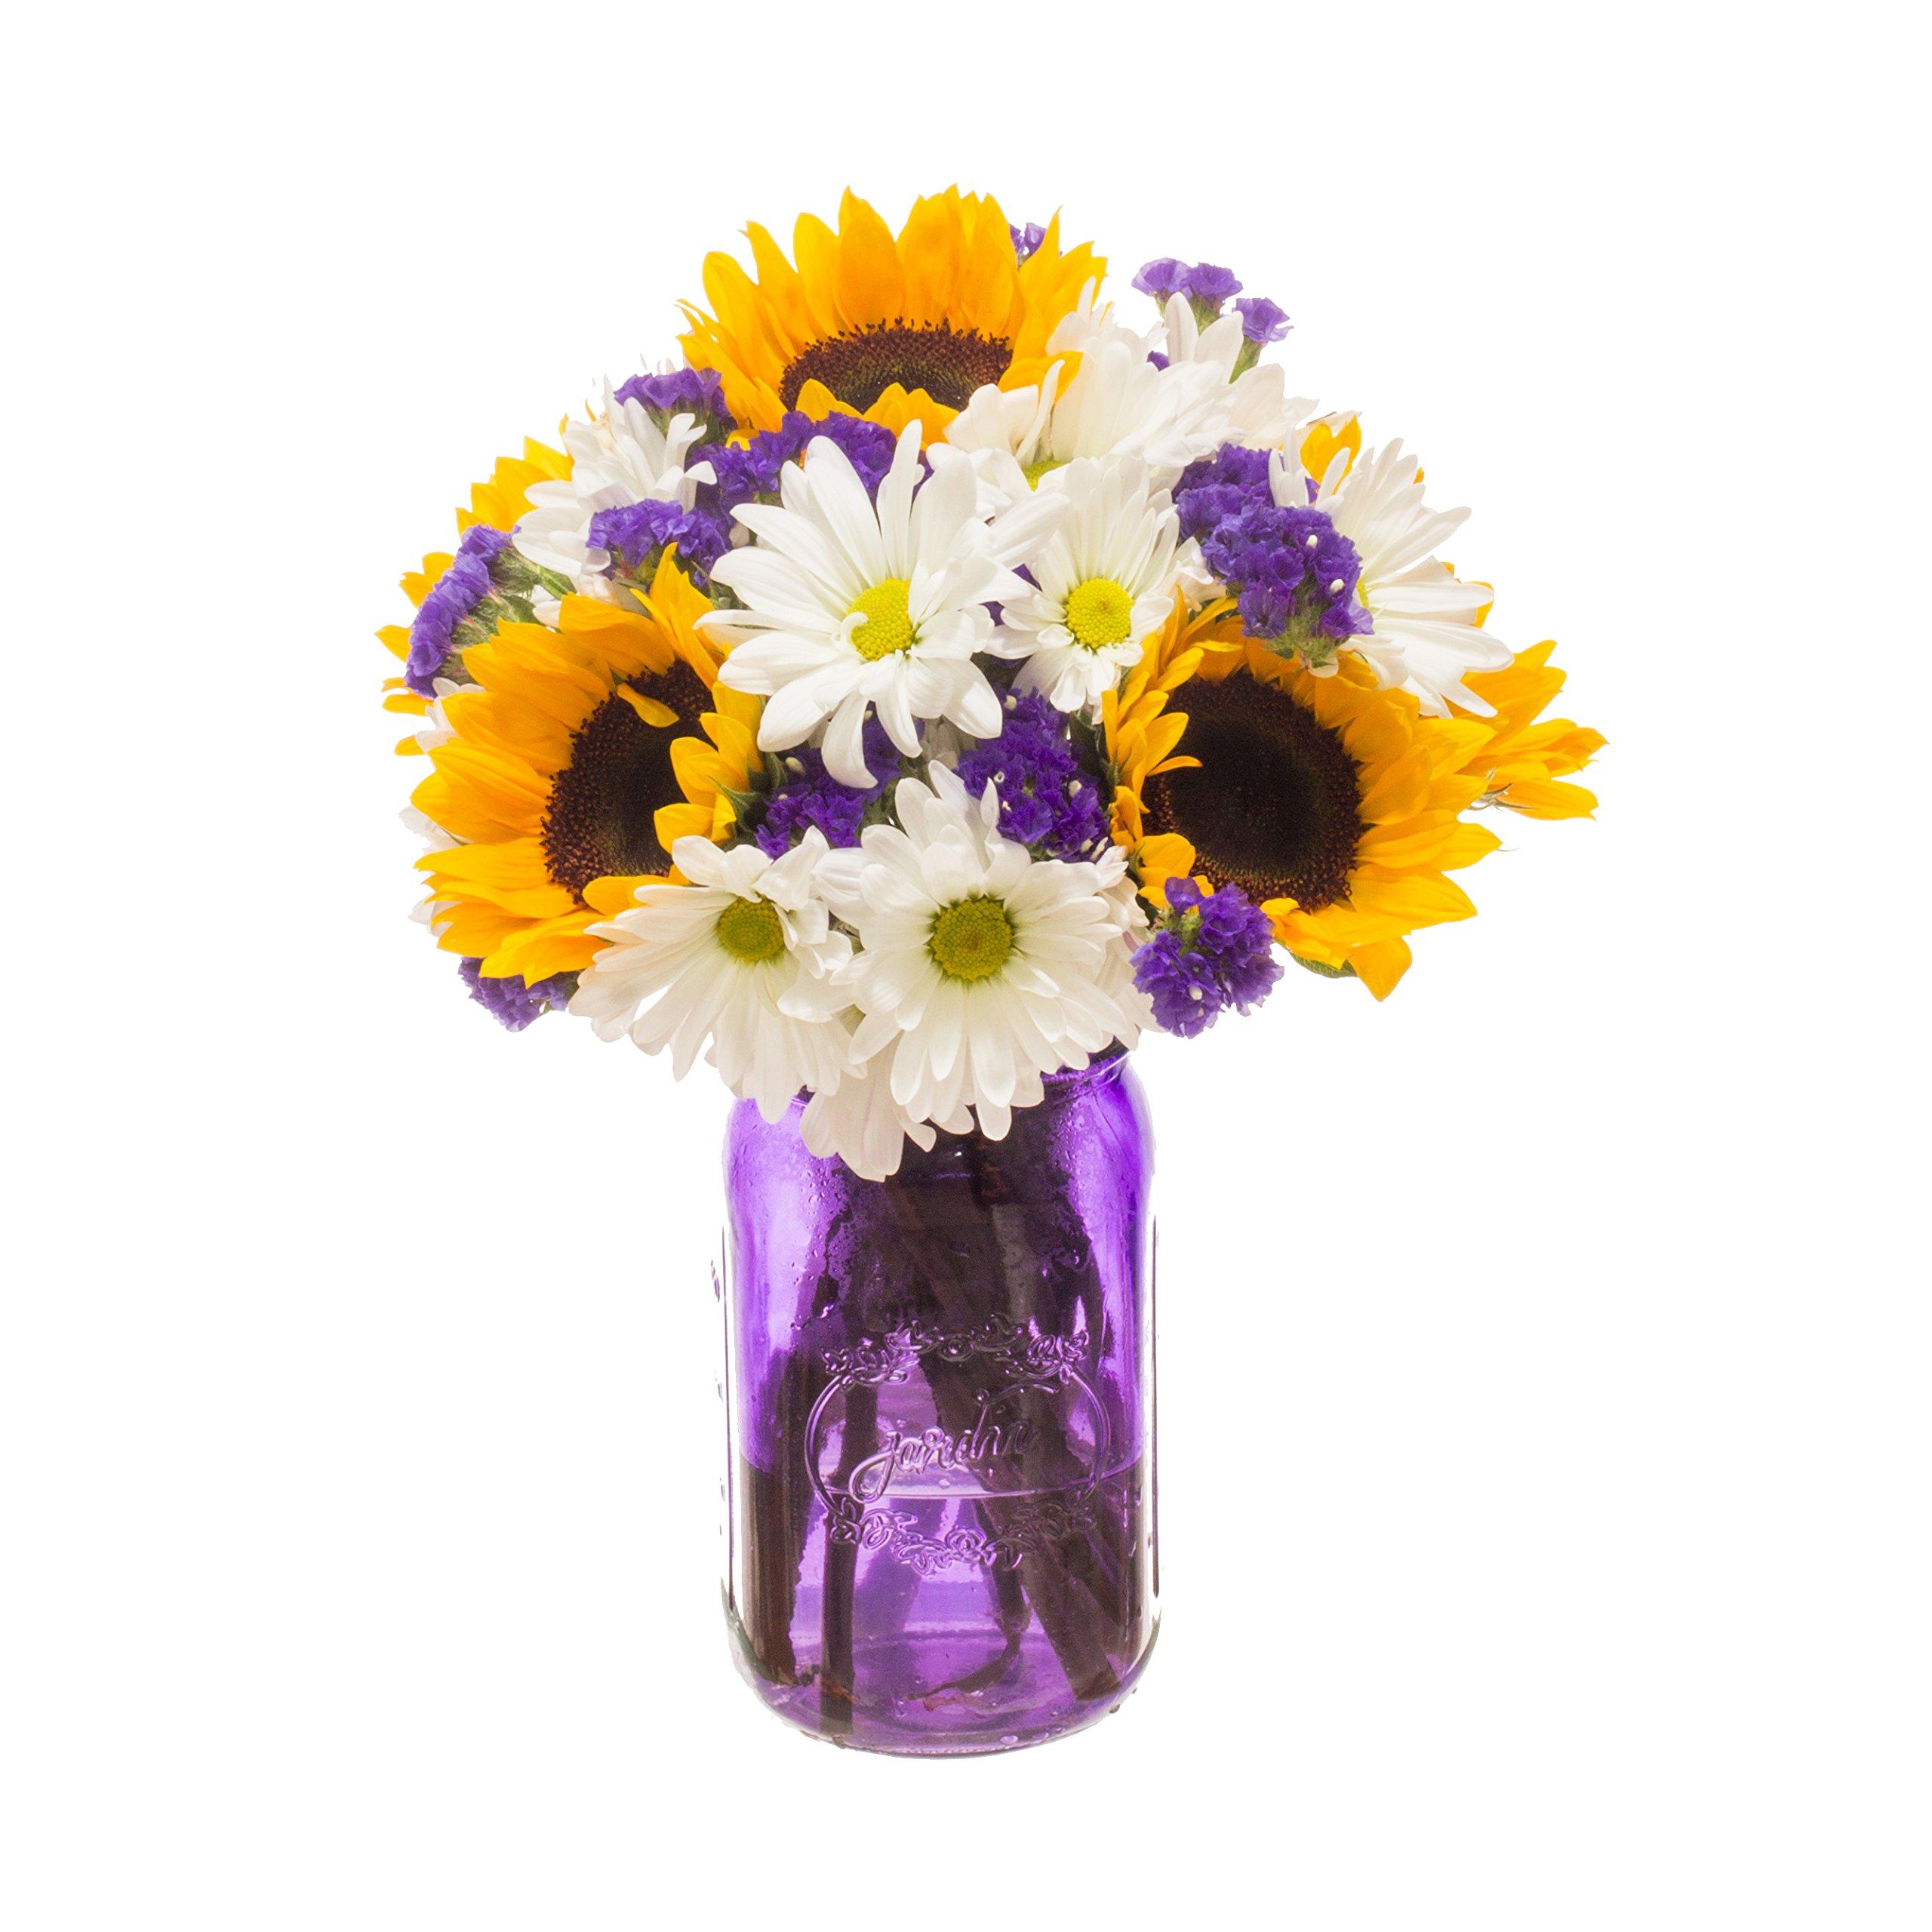 Vistaflor - Greatful Floral Vase Arrangement by eFlowy